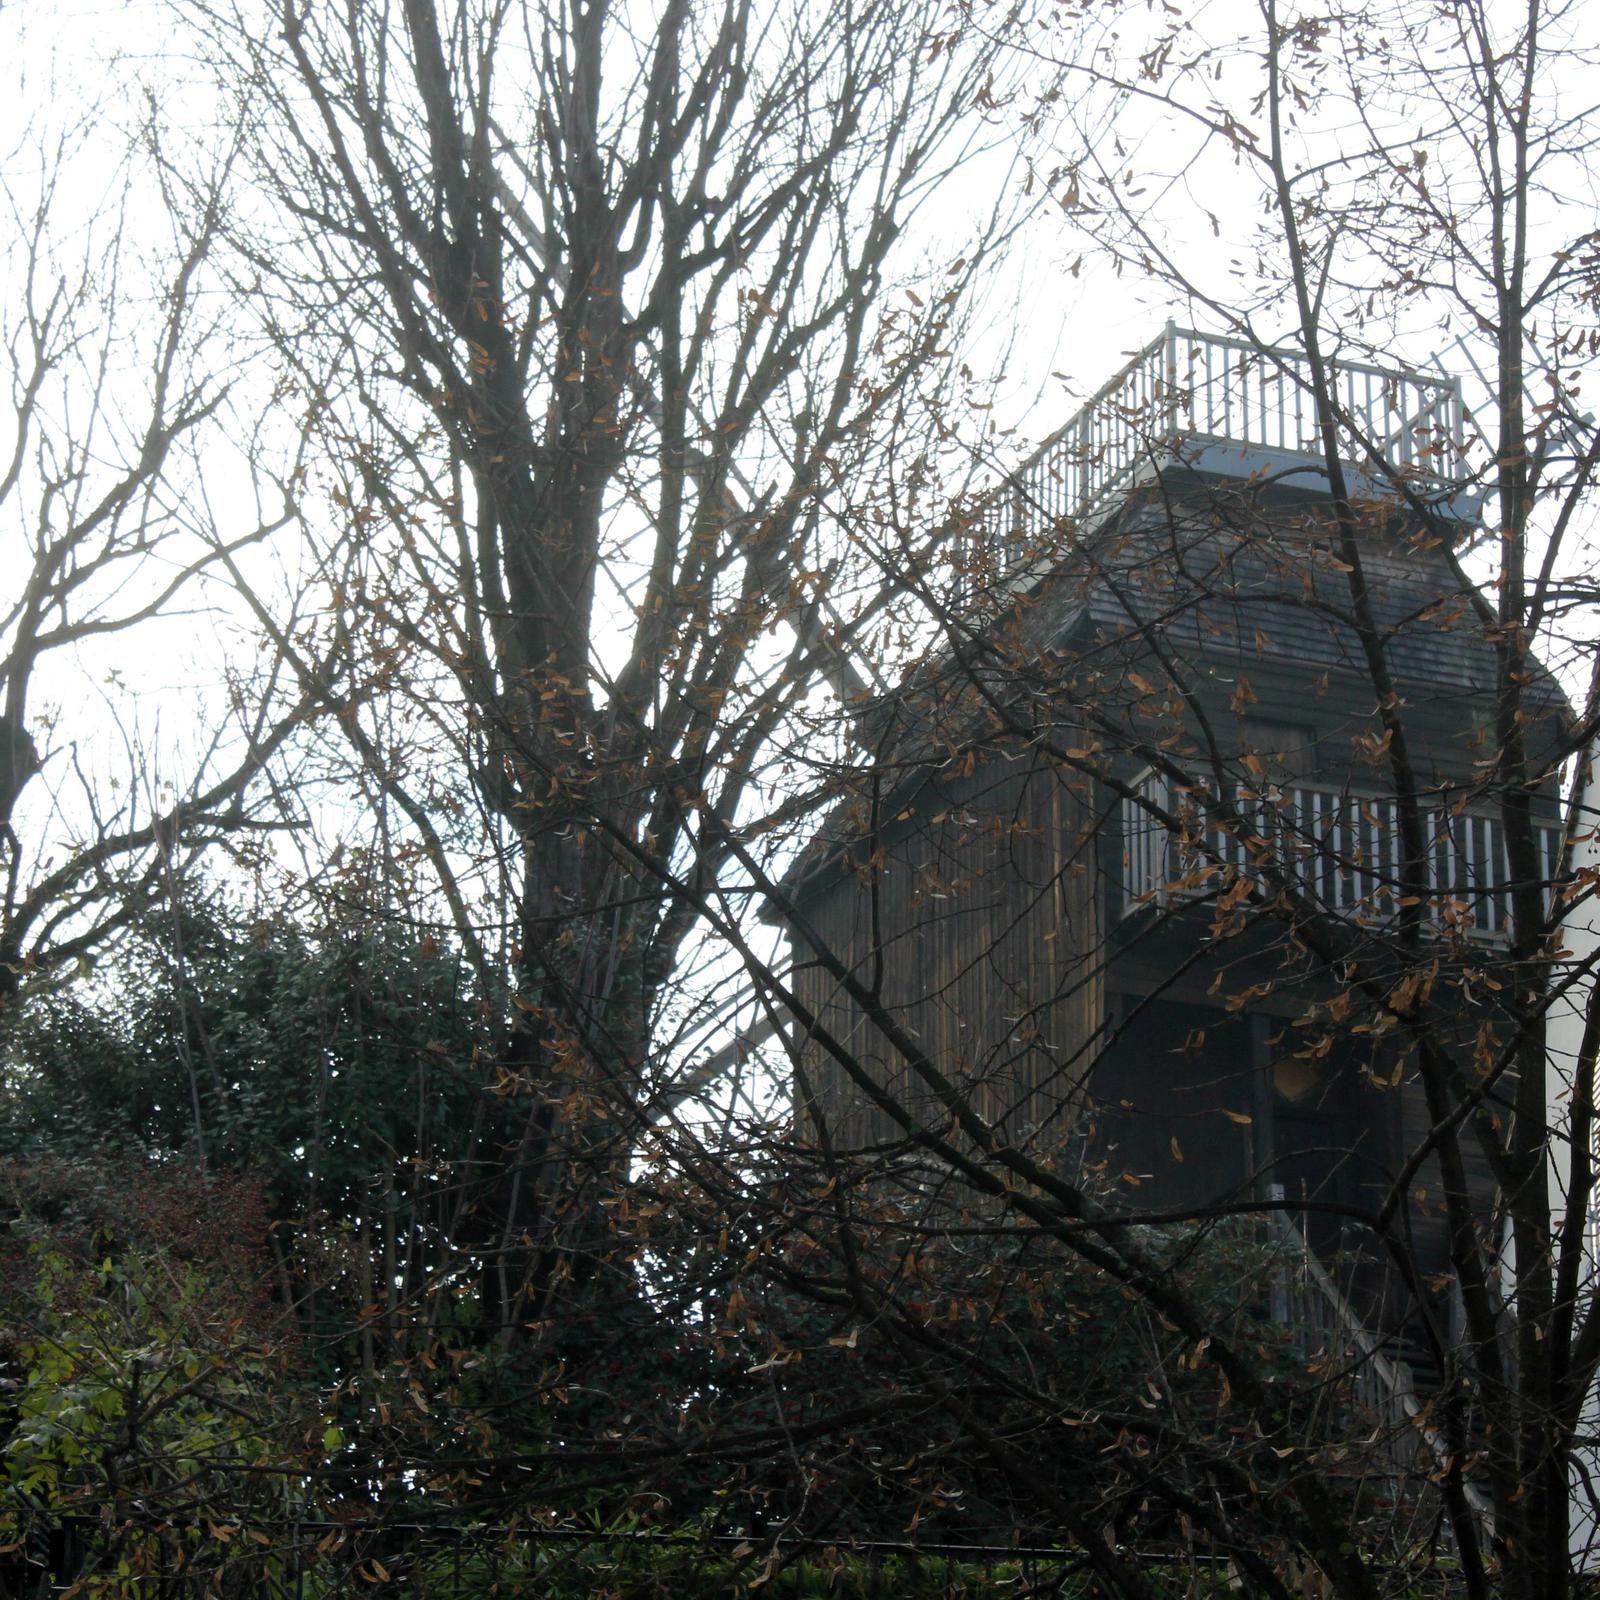 le moulin qui montre son derrière à l'avenue Junot!